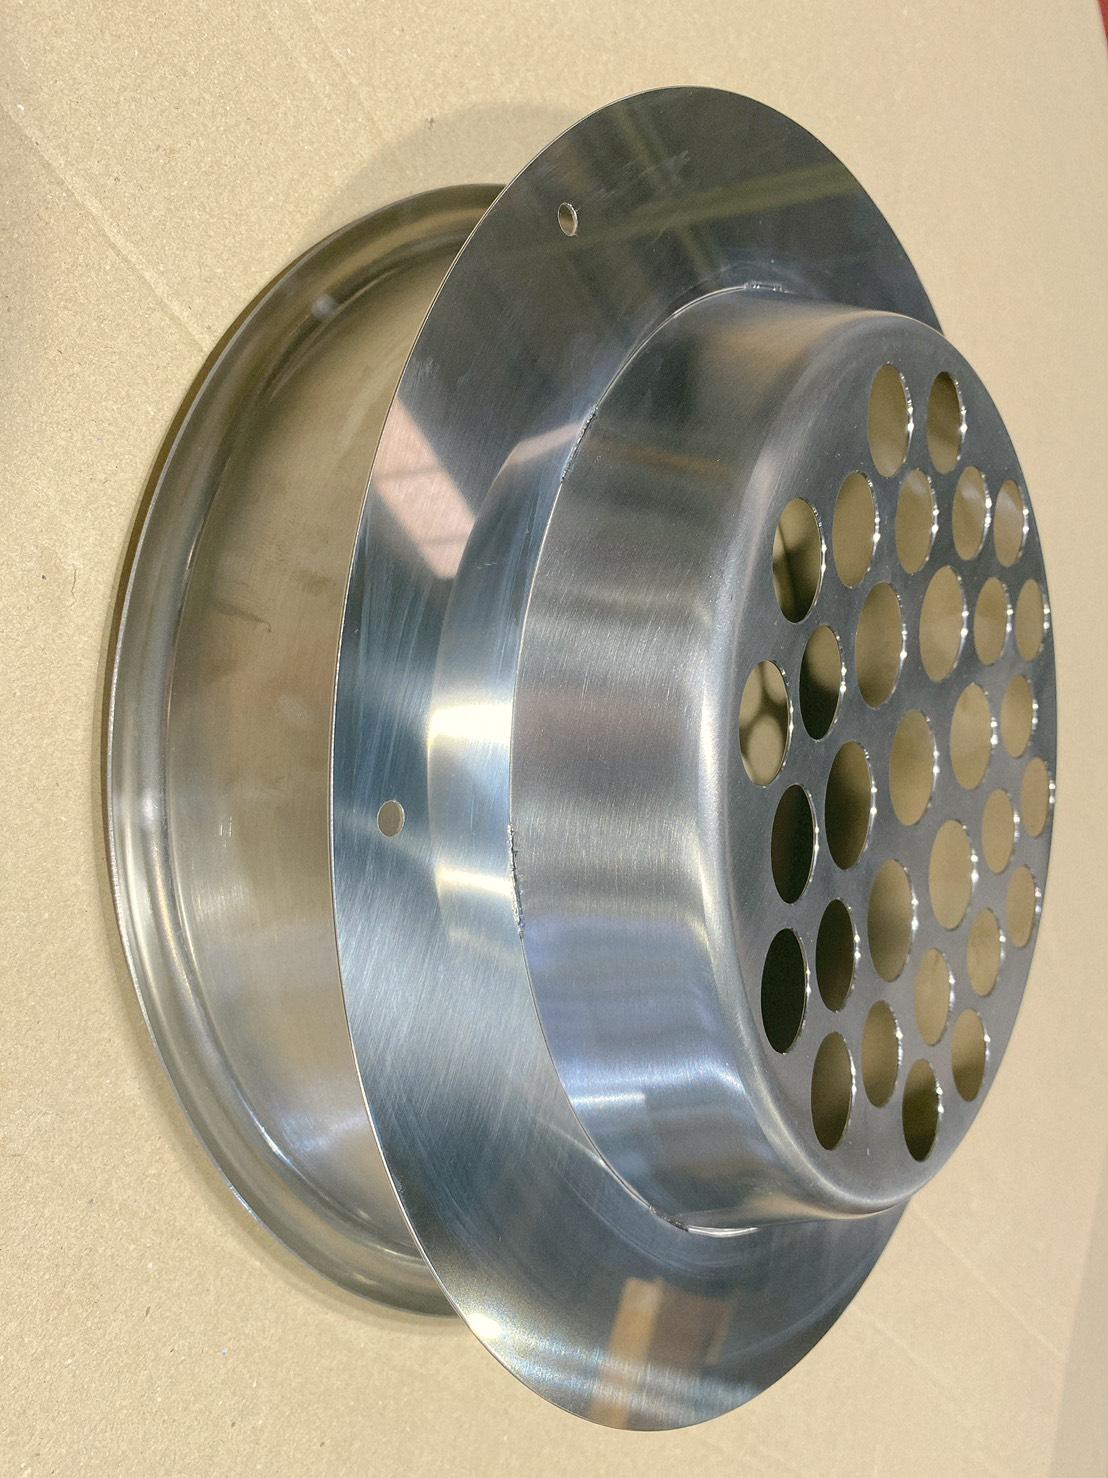 食品機械部品 ハンディタイプファイバーレーザー溶接 SUS304